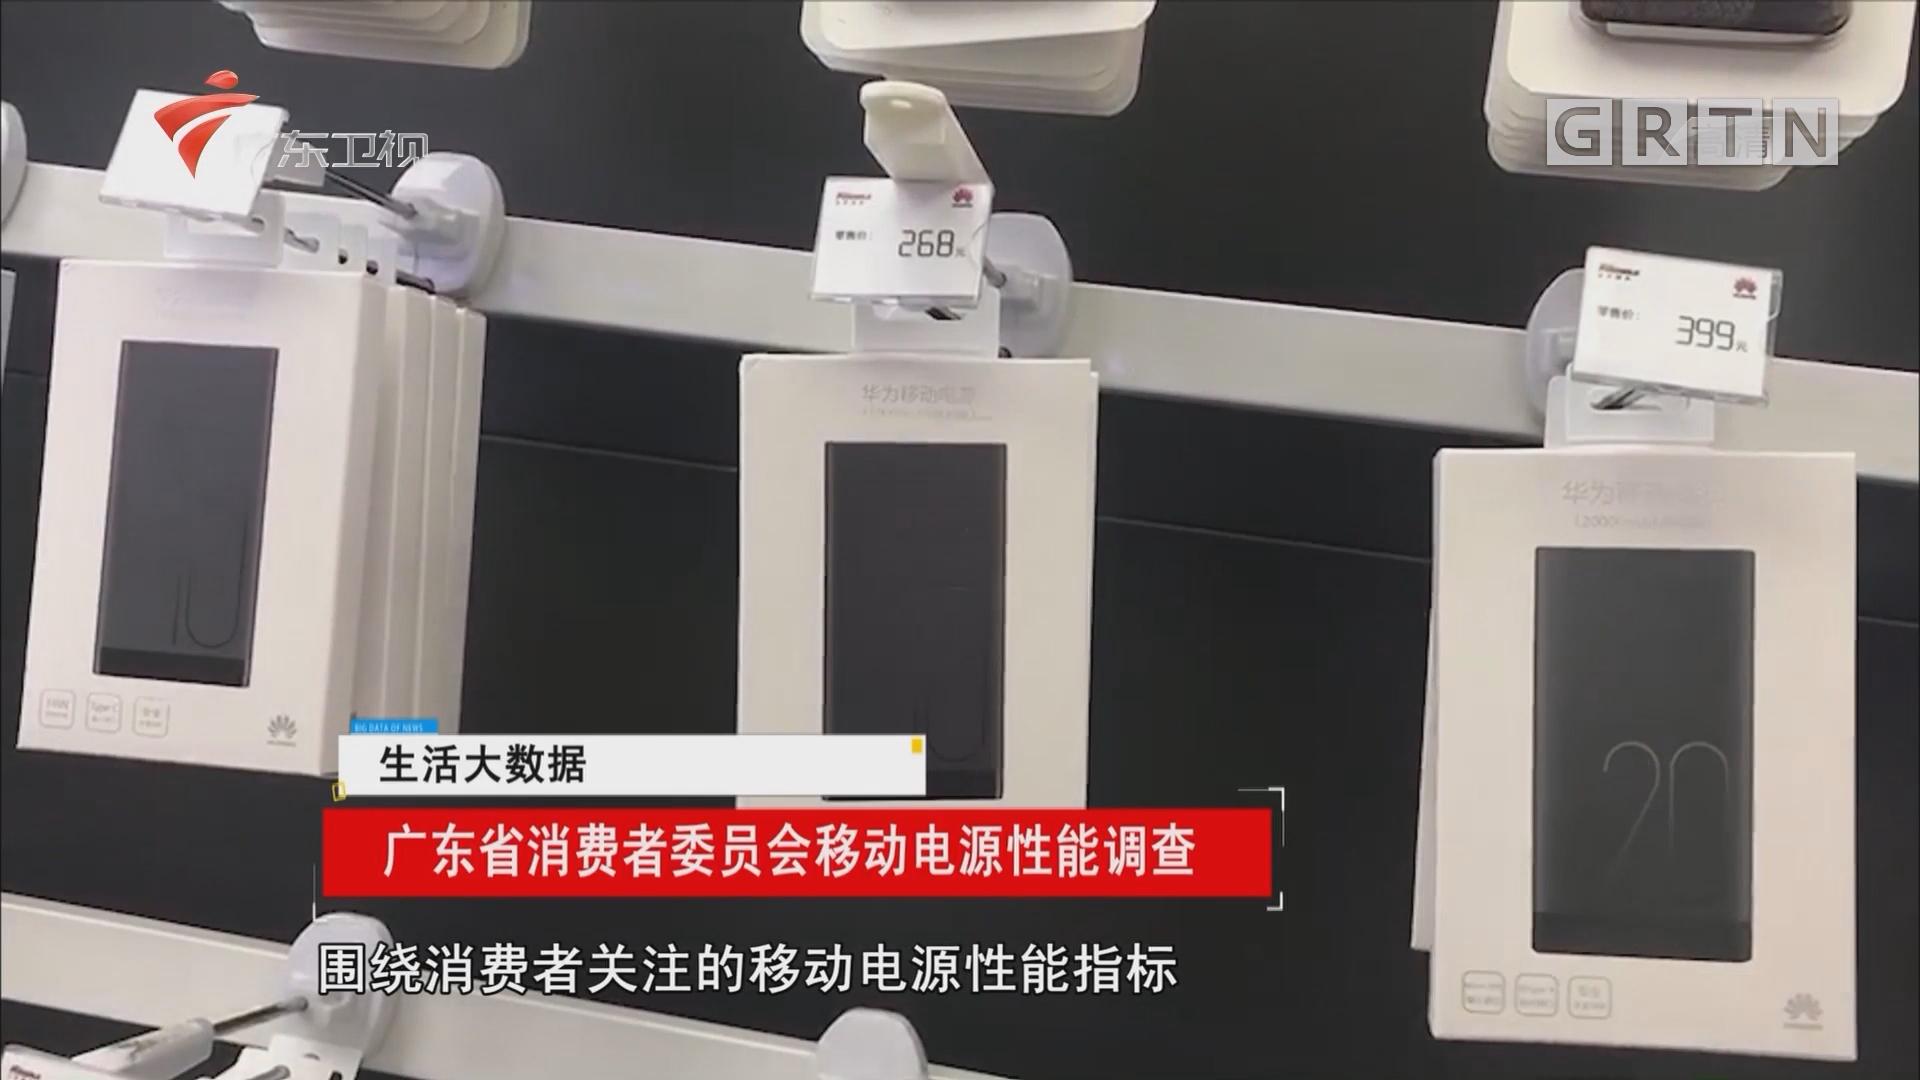 广东省消费者委员会移动电源性能调查